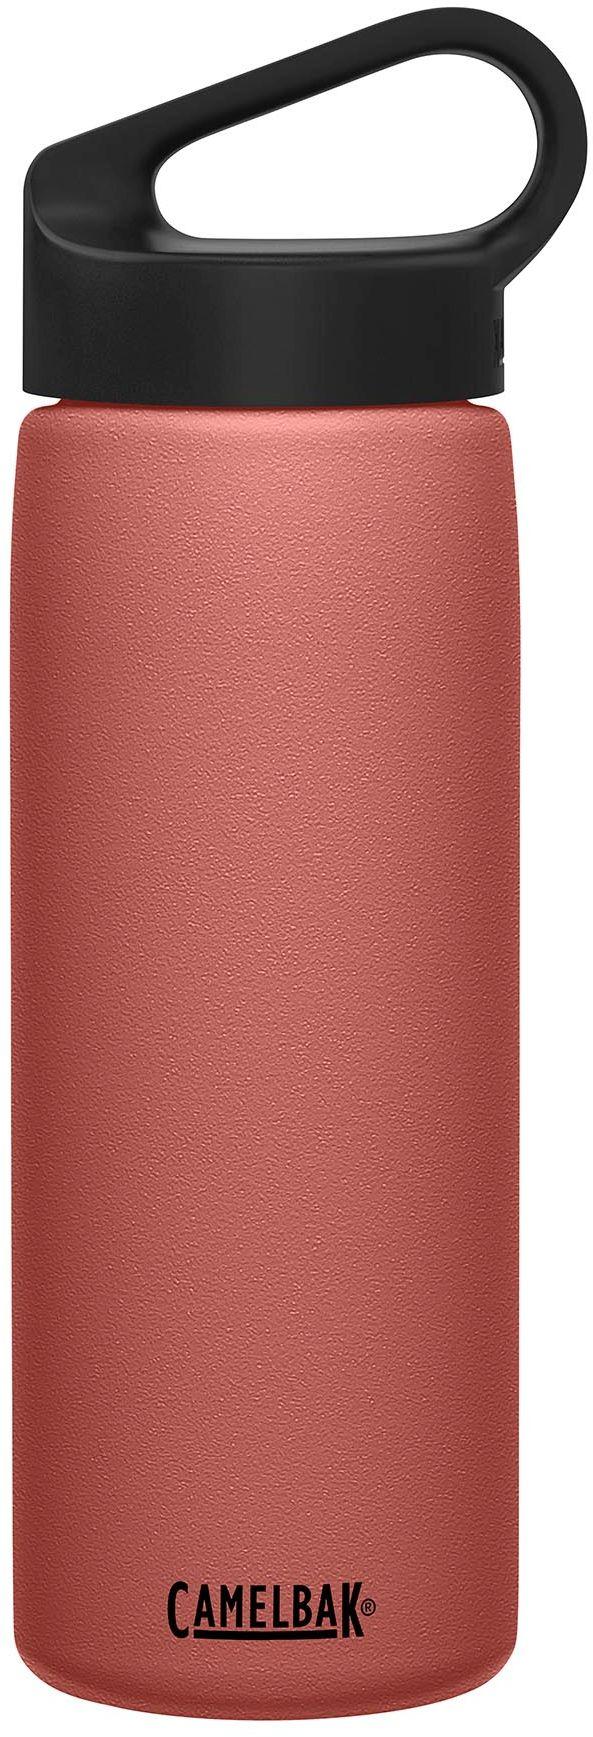 Camelbak Carry Cap Vacuum Stainless 0,6L - Terracotta uni